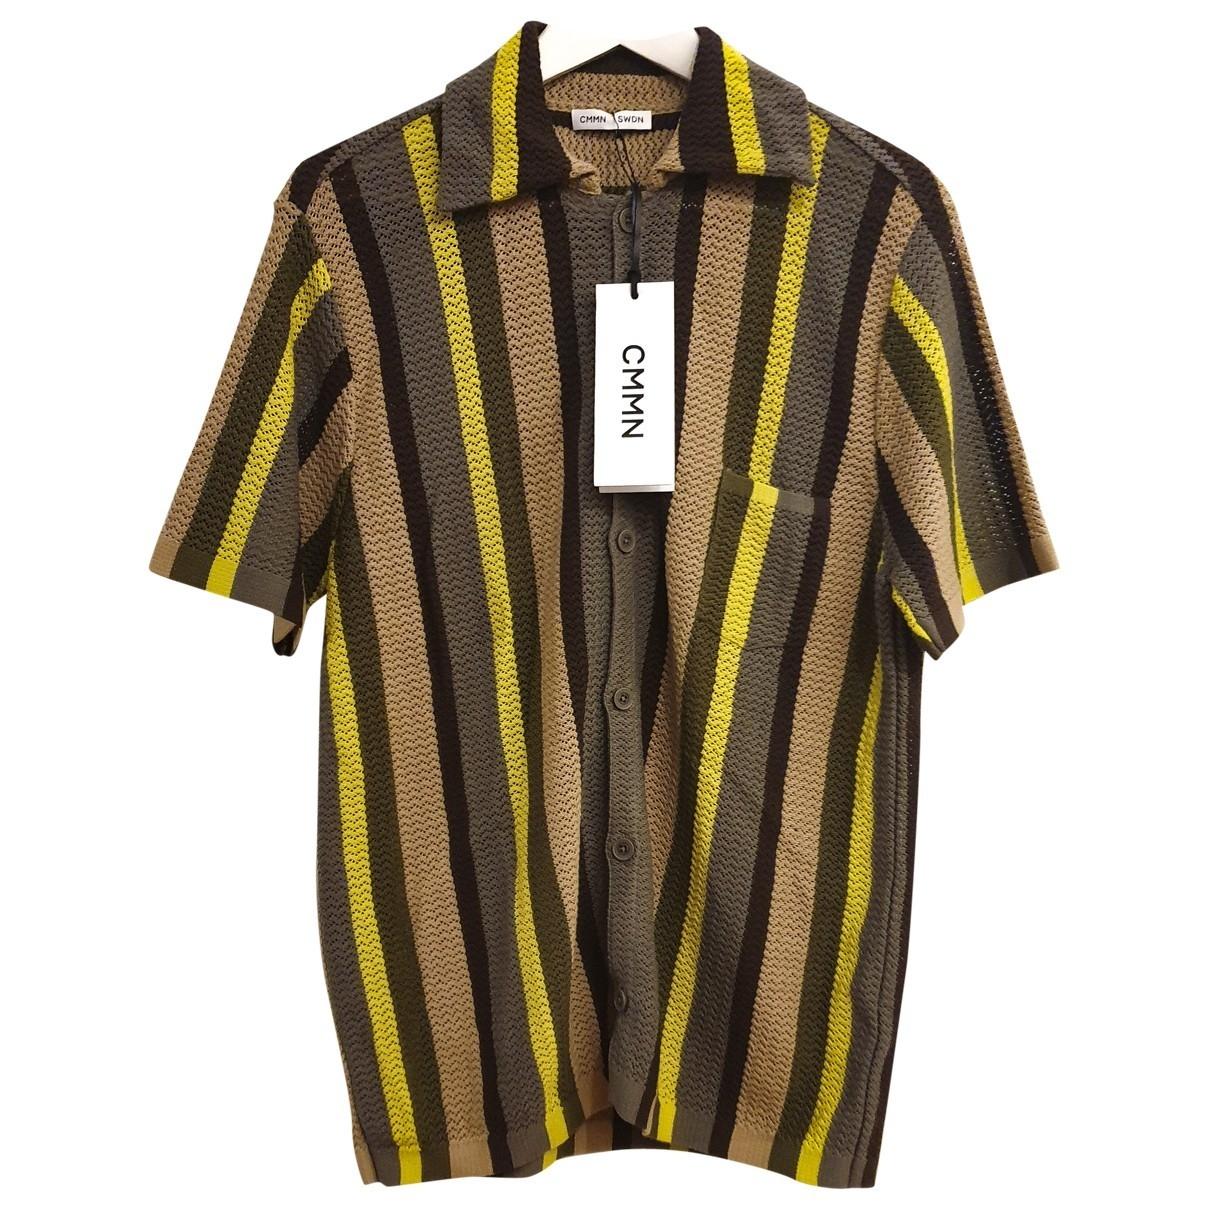 Cmmn Swdn - Chemises   pour homme en coton